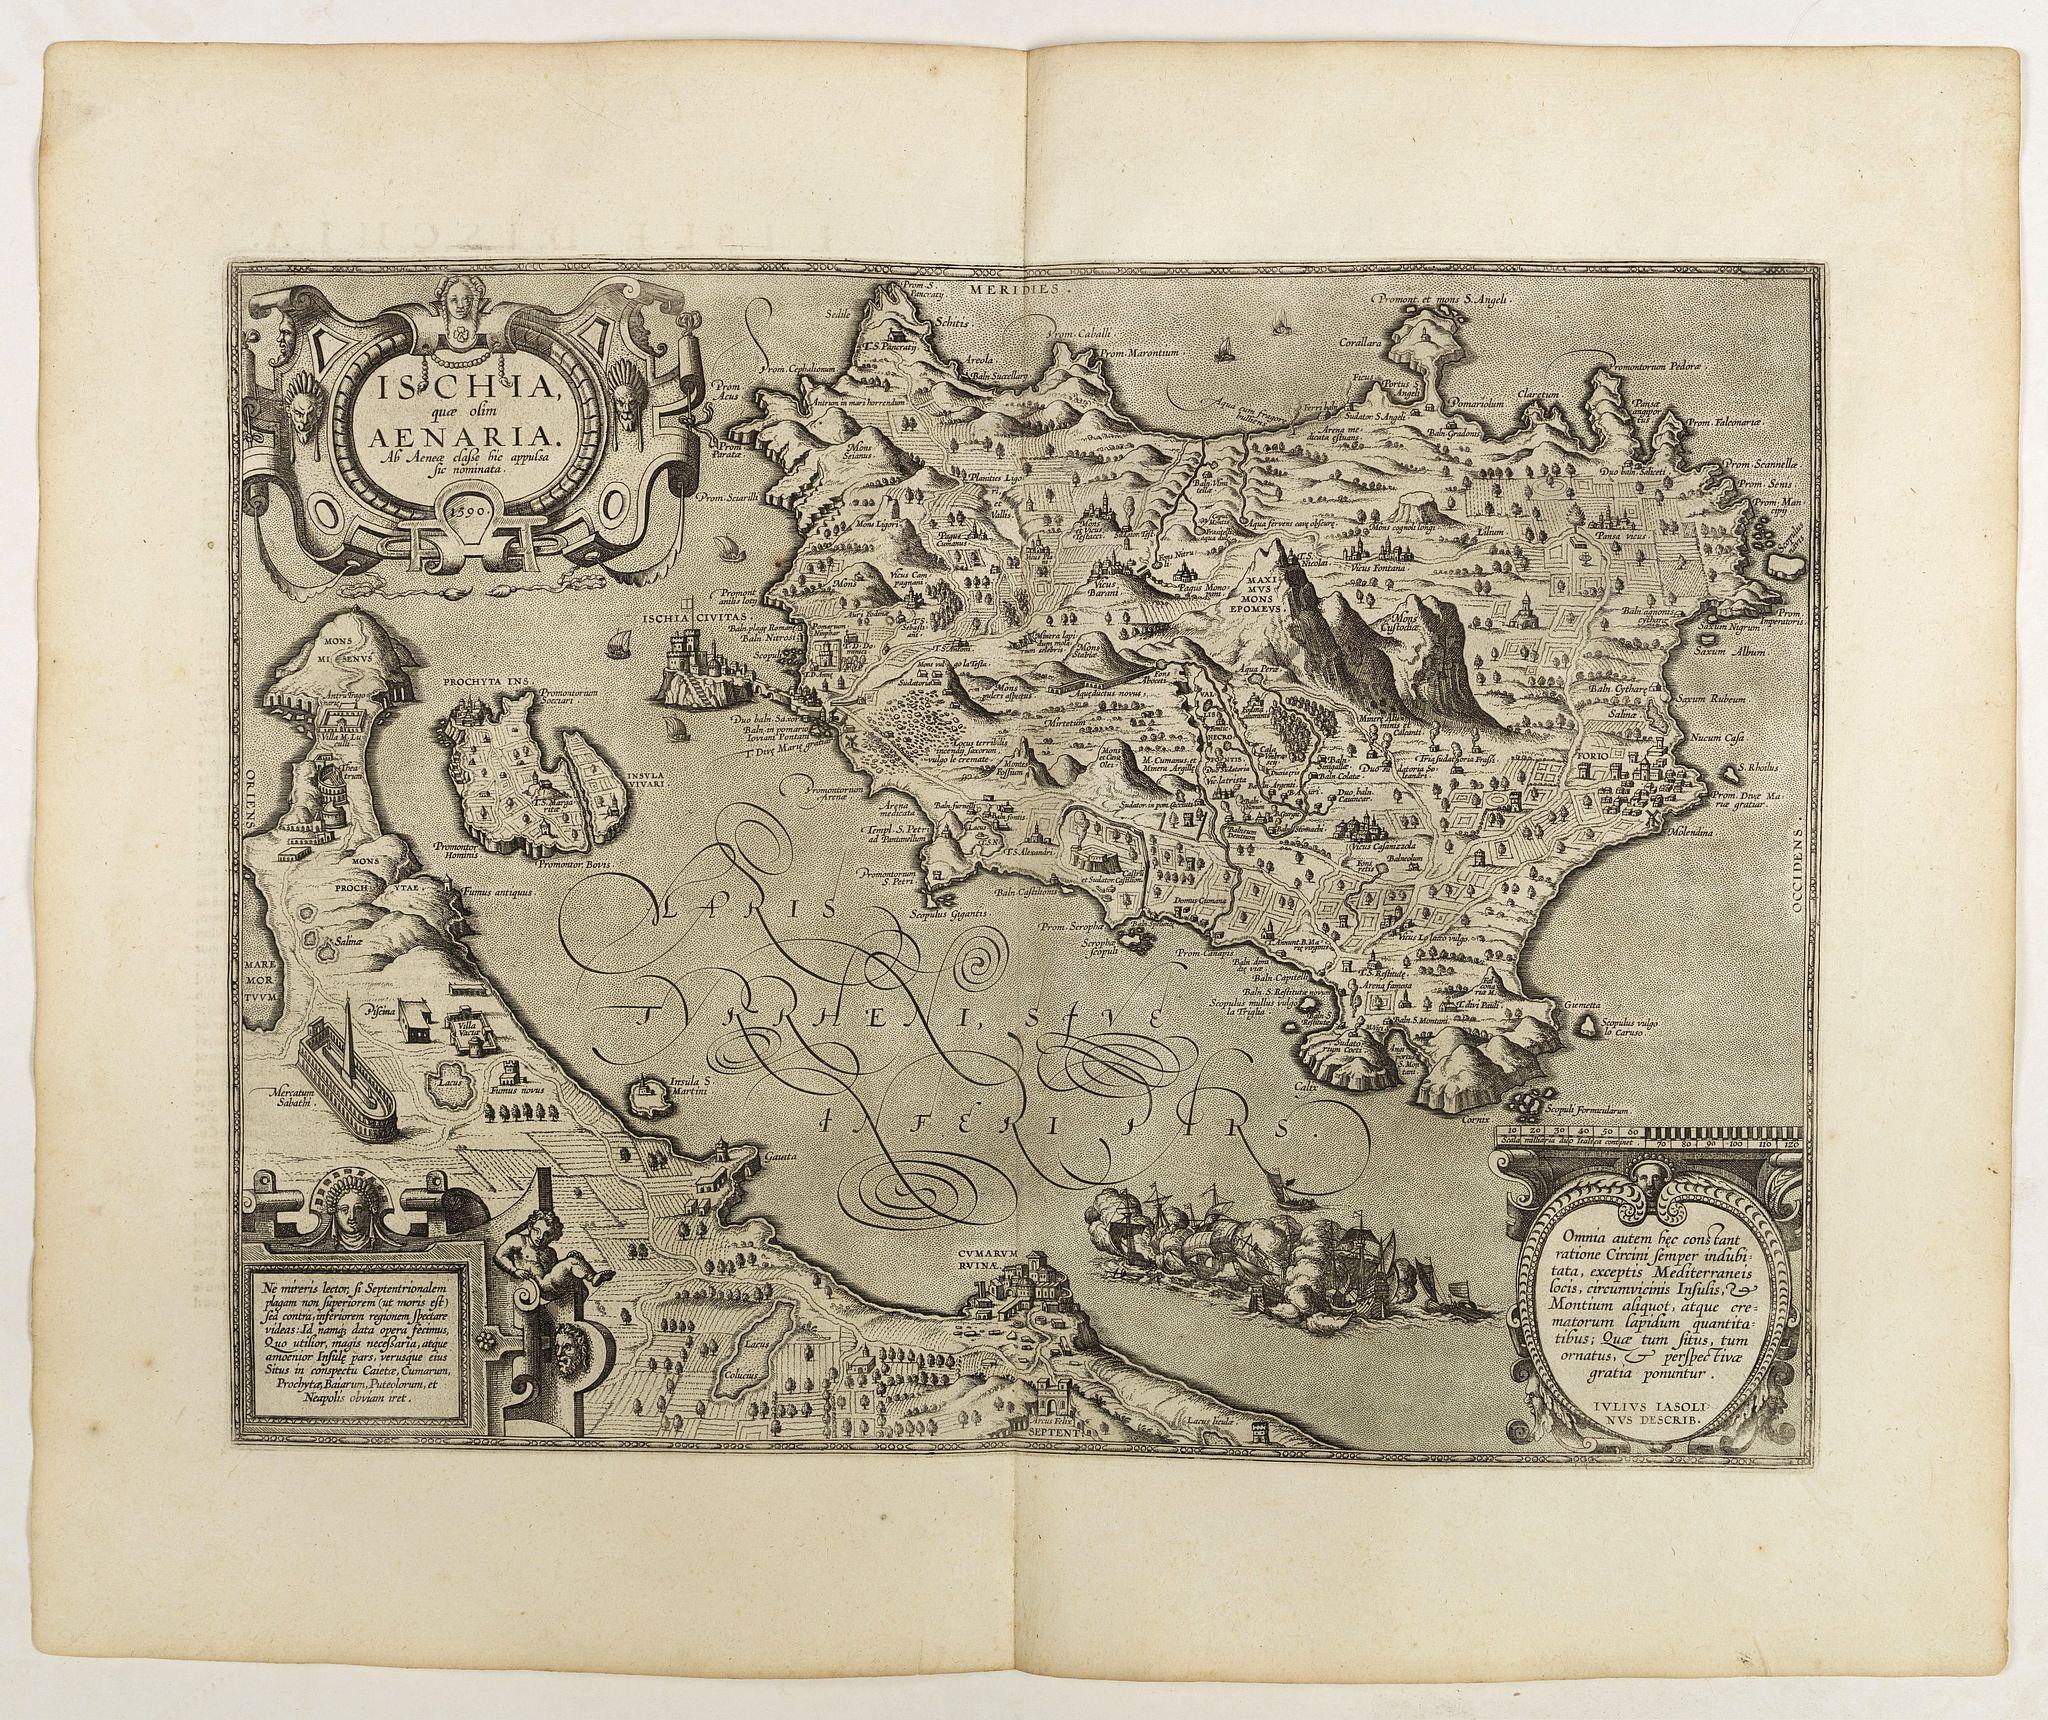 ORTELIUS, A. -  Ischia, quae olim Aenaria.